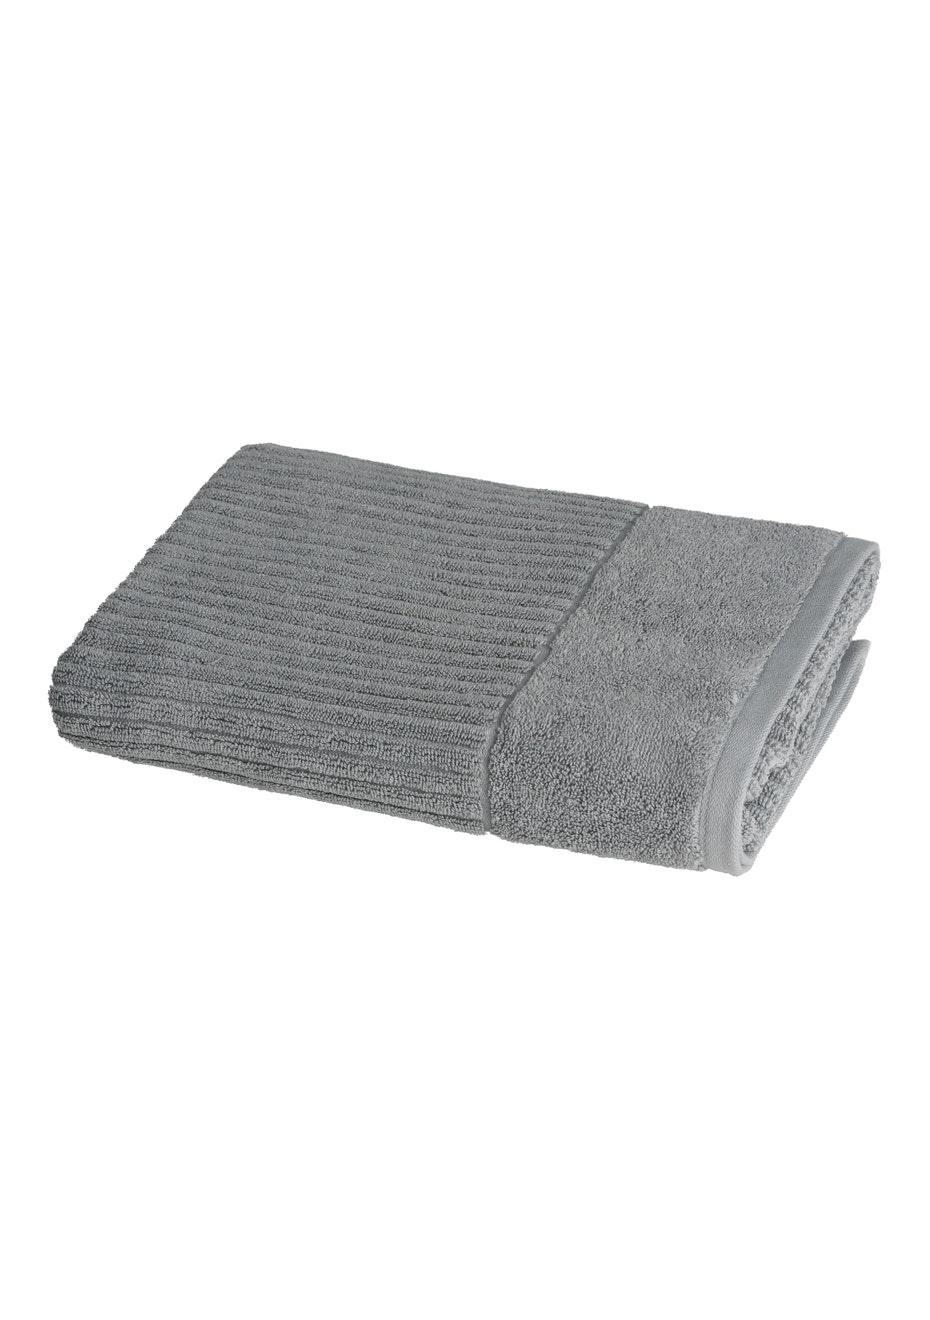 Conran Signature Rib Bath Towel Concrete